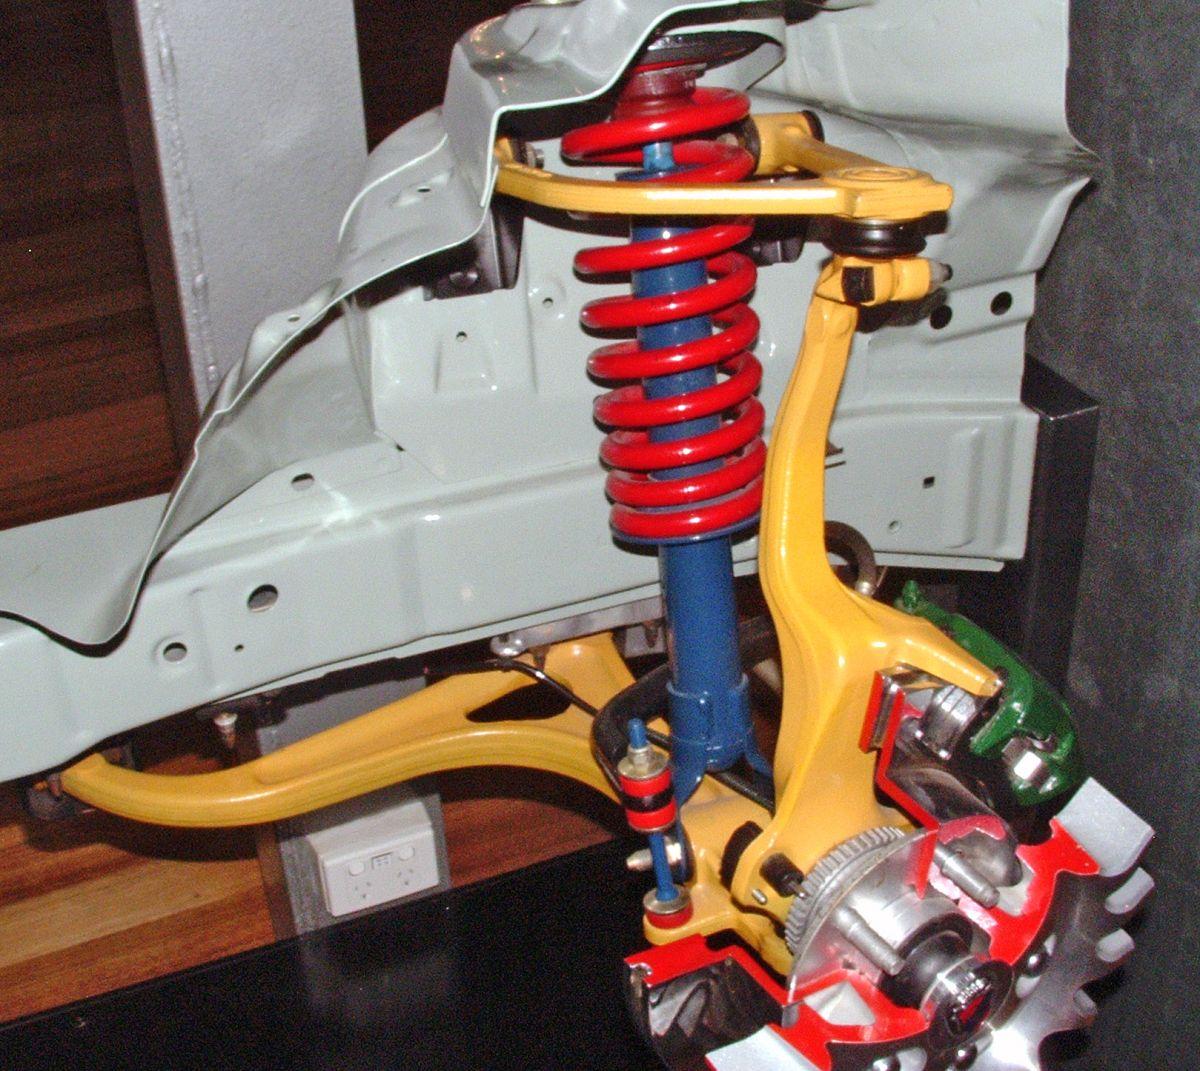 Las rótulas del auto son esenciales para dirigir el auto de forma segura.